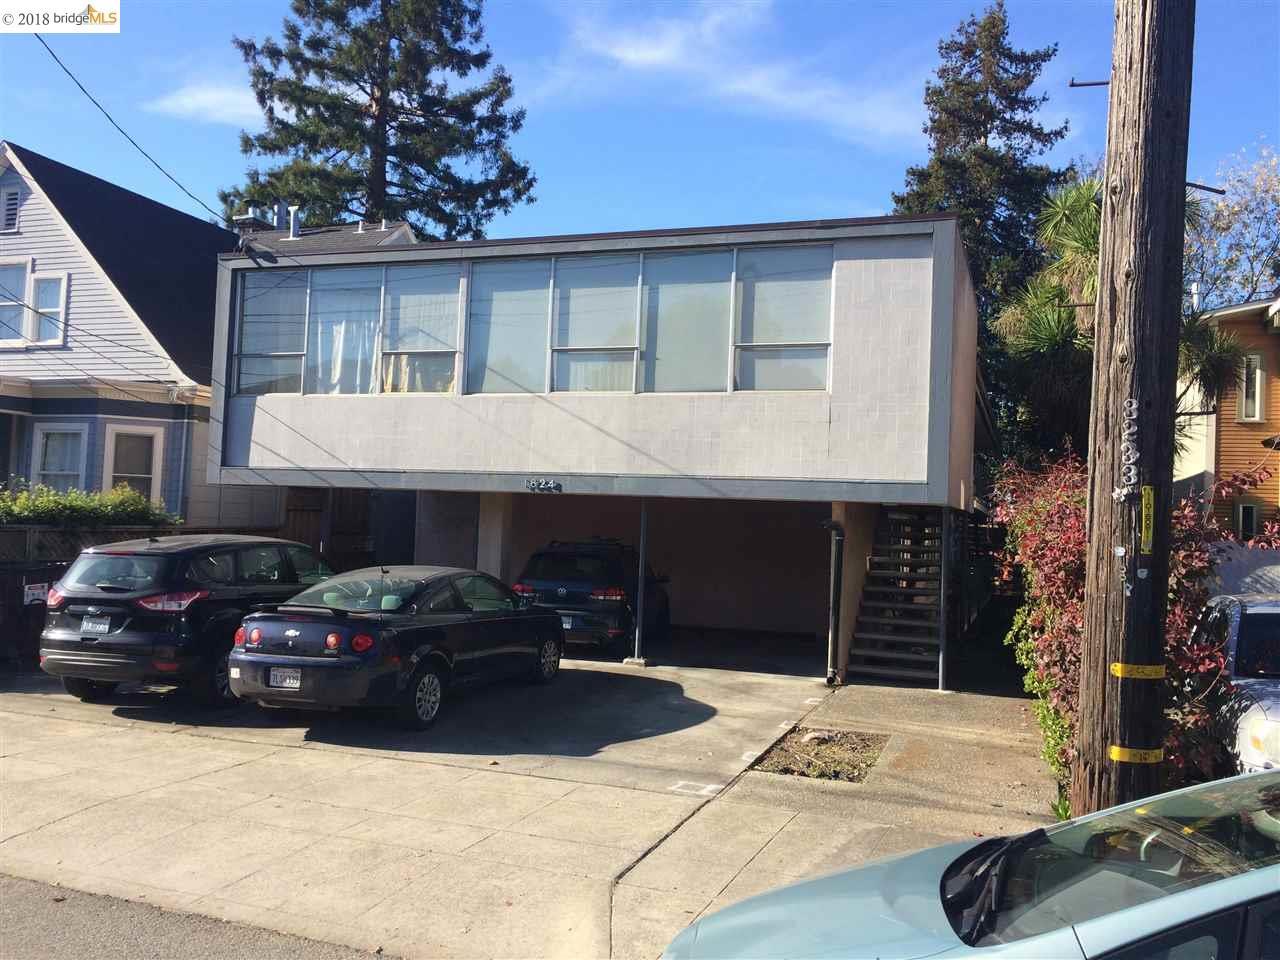 二世帯住宅 のために 売買 アット 1624 josephine 1624 josephine Berkeley, カリフォルニア 94703 アメリカ合衆国